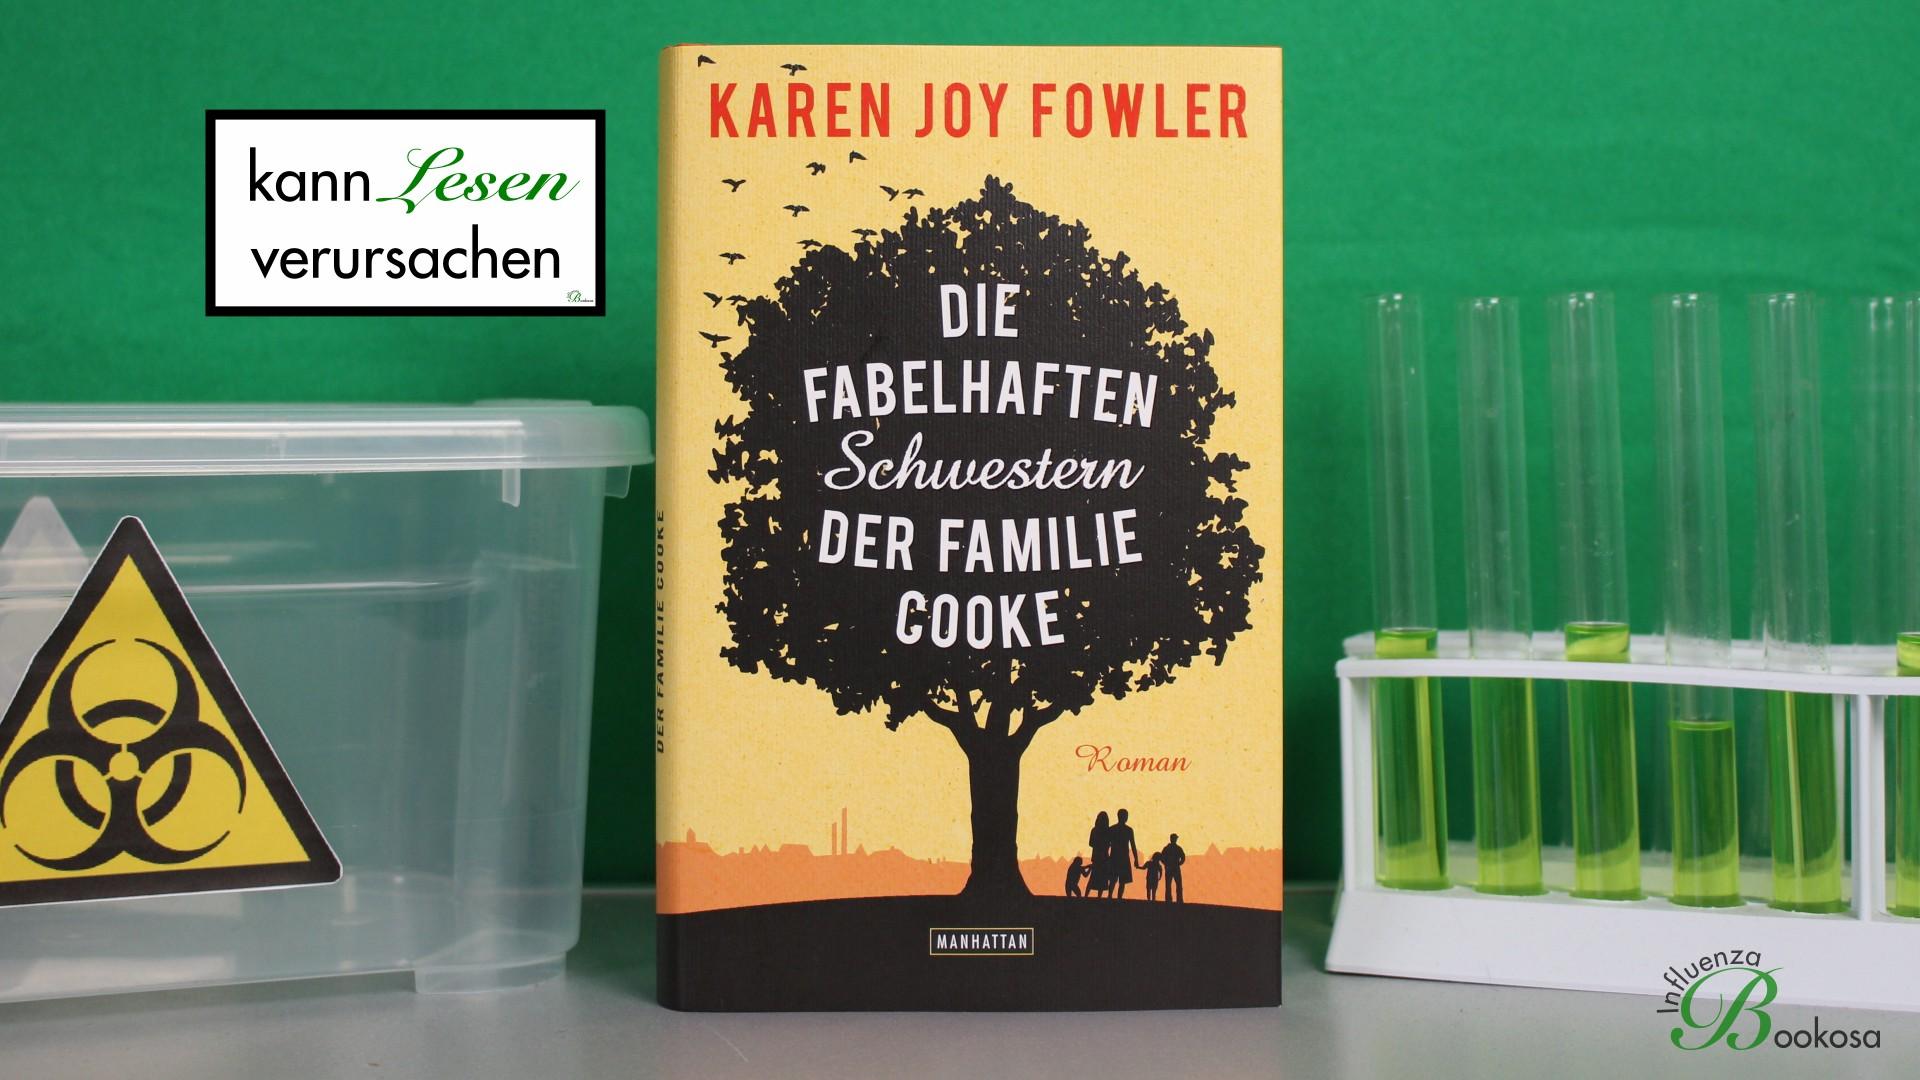 Karen Joy Fowler - Die fabelhaften Schwestern der Familie Cooke